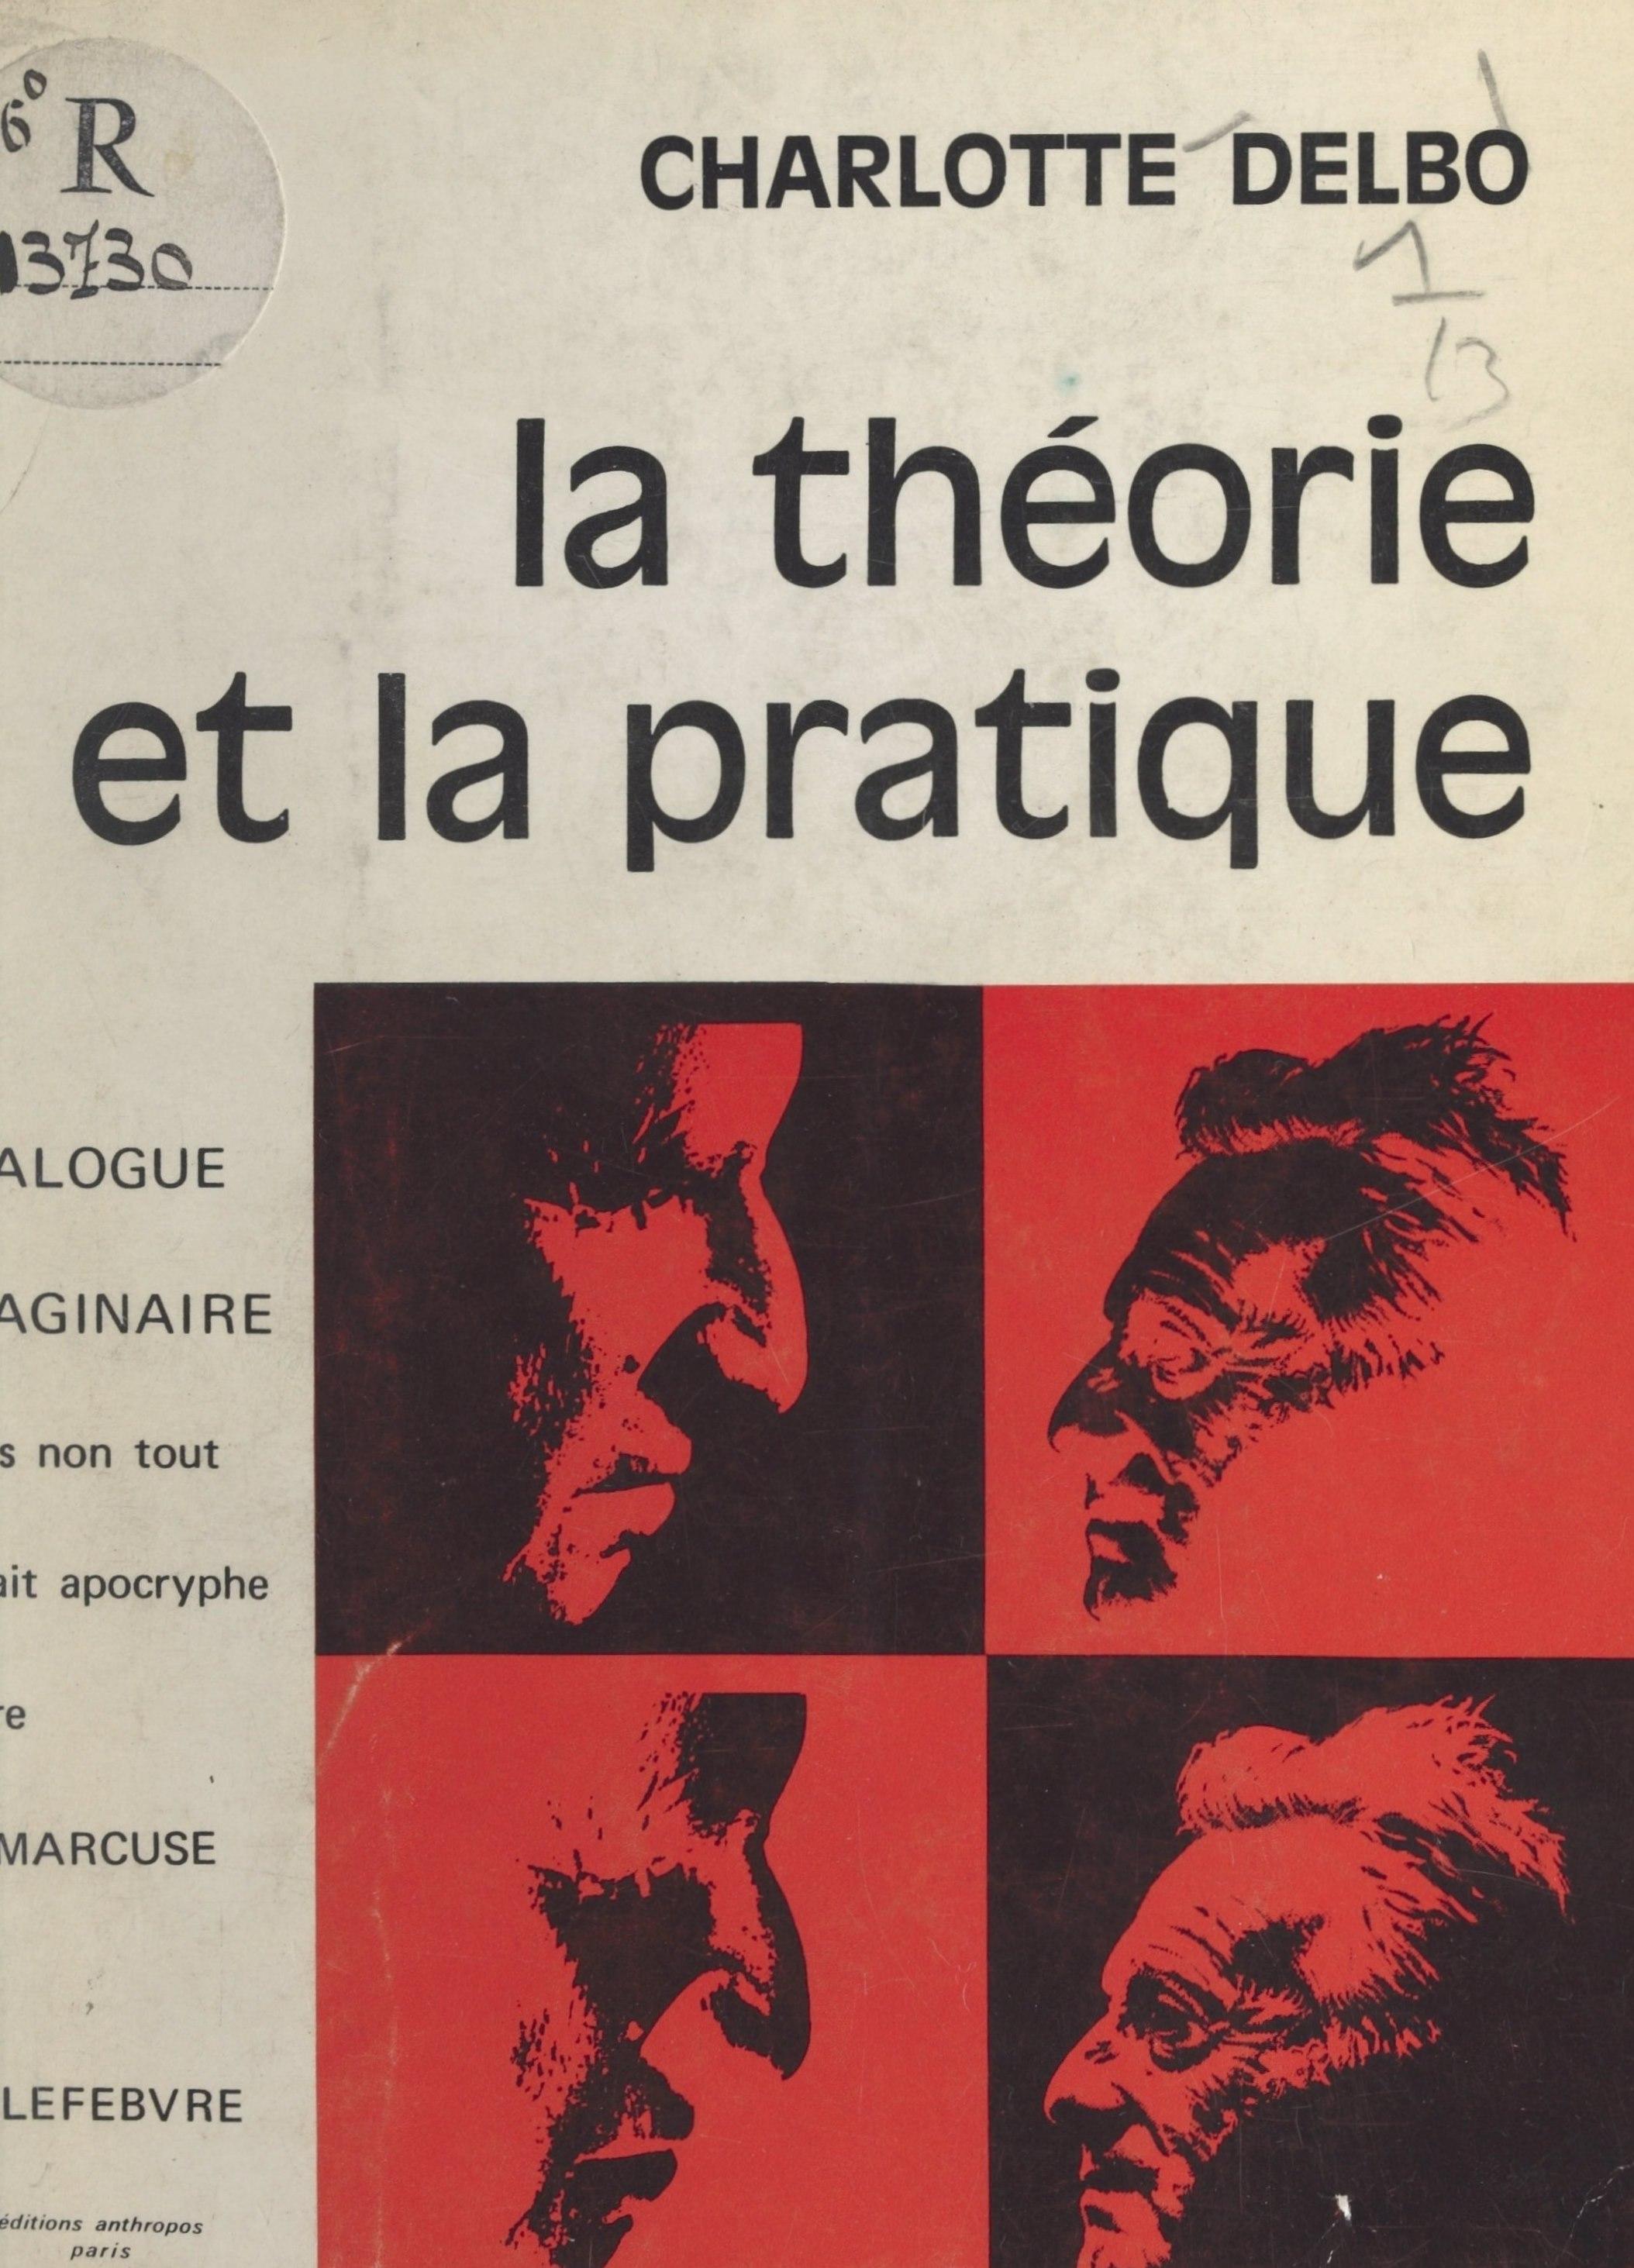 La théorie et la pratique